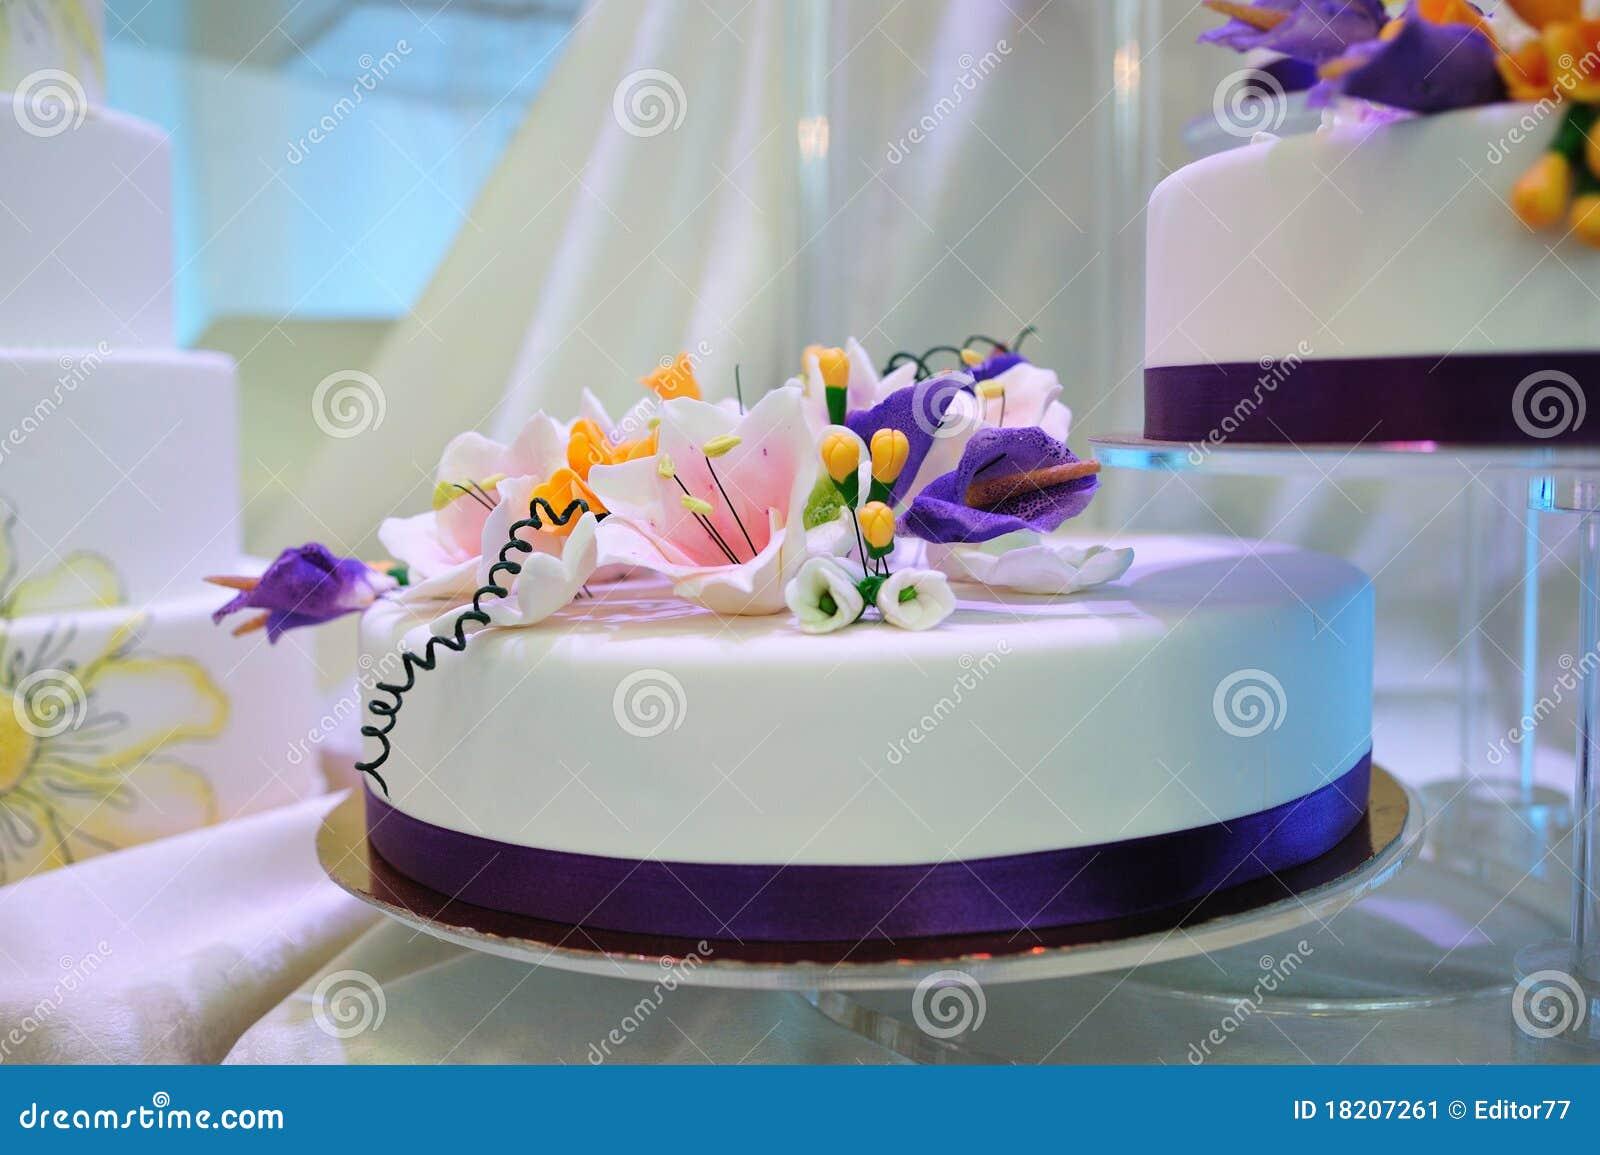 wedding cake with flower decoration stock image image 18207261